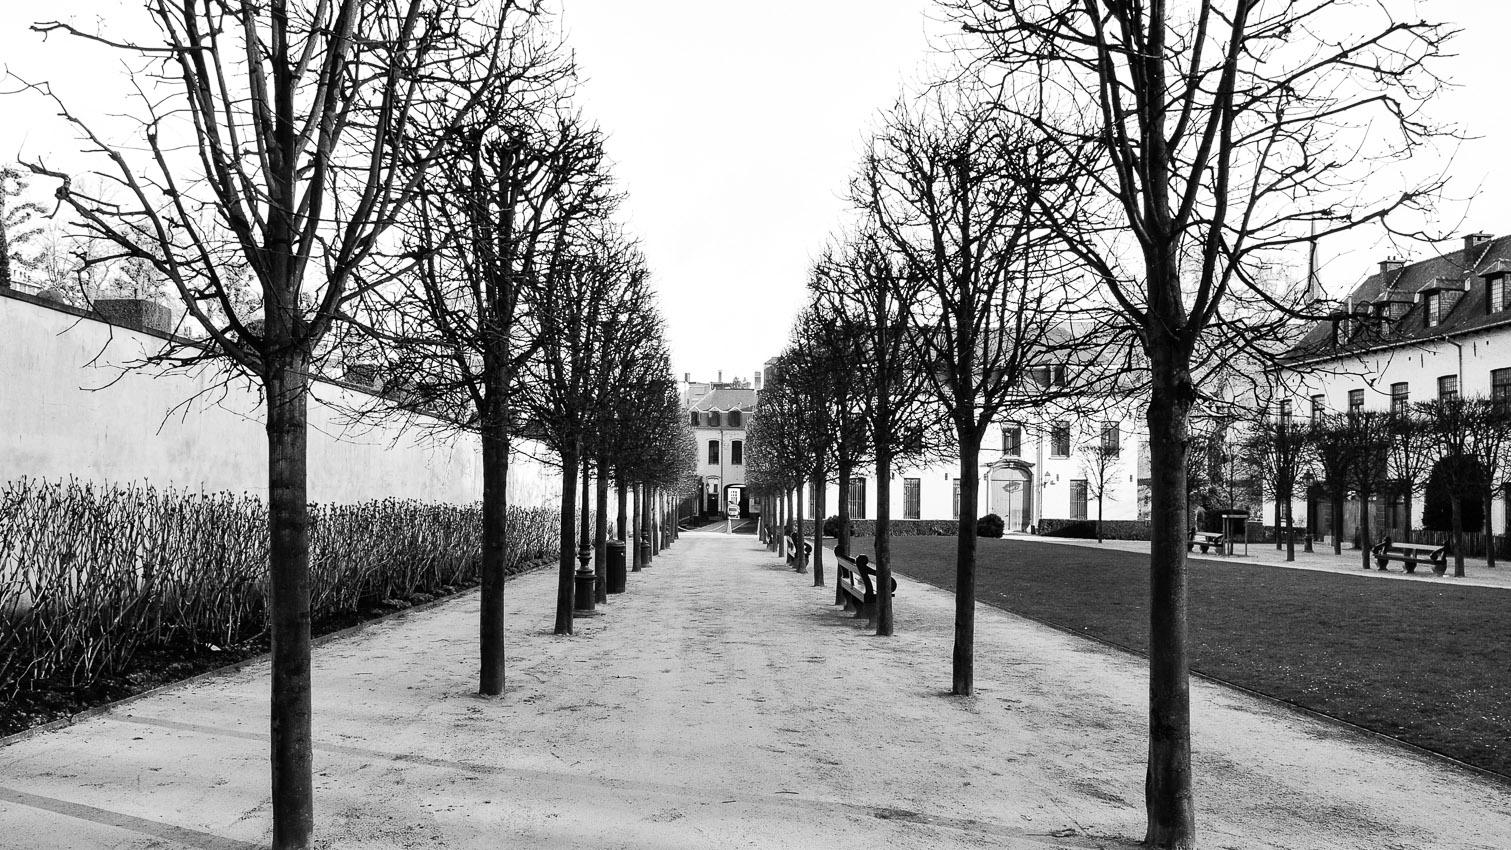 17-parc-foret-location-decors-film-cinema-photo-belgium-bruxelles